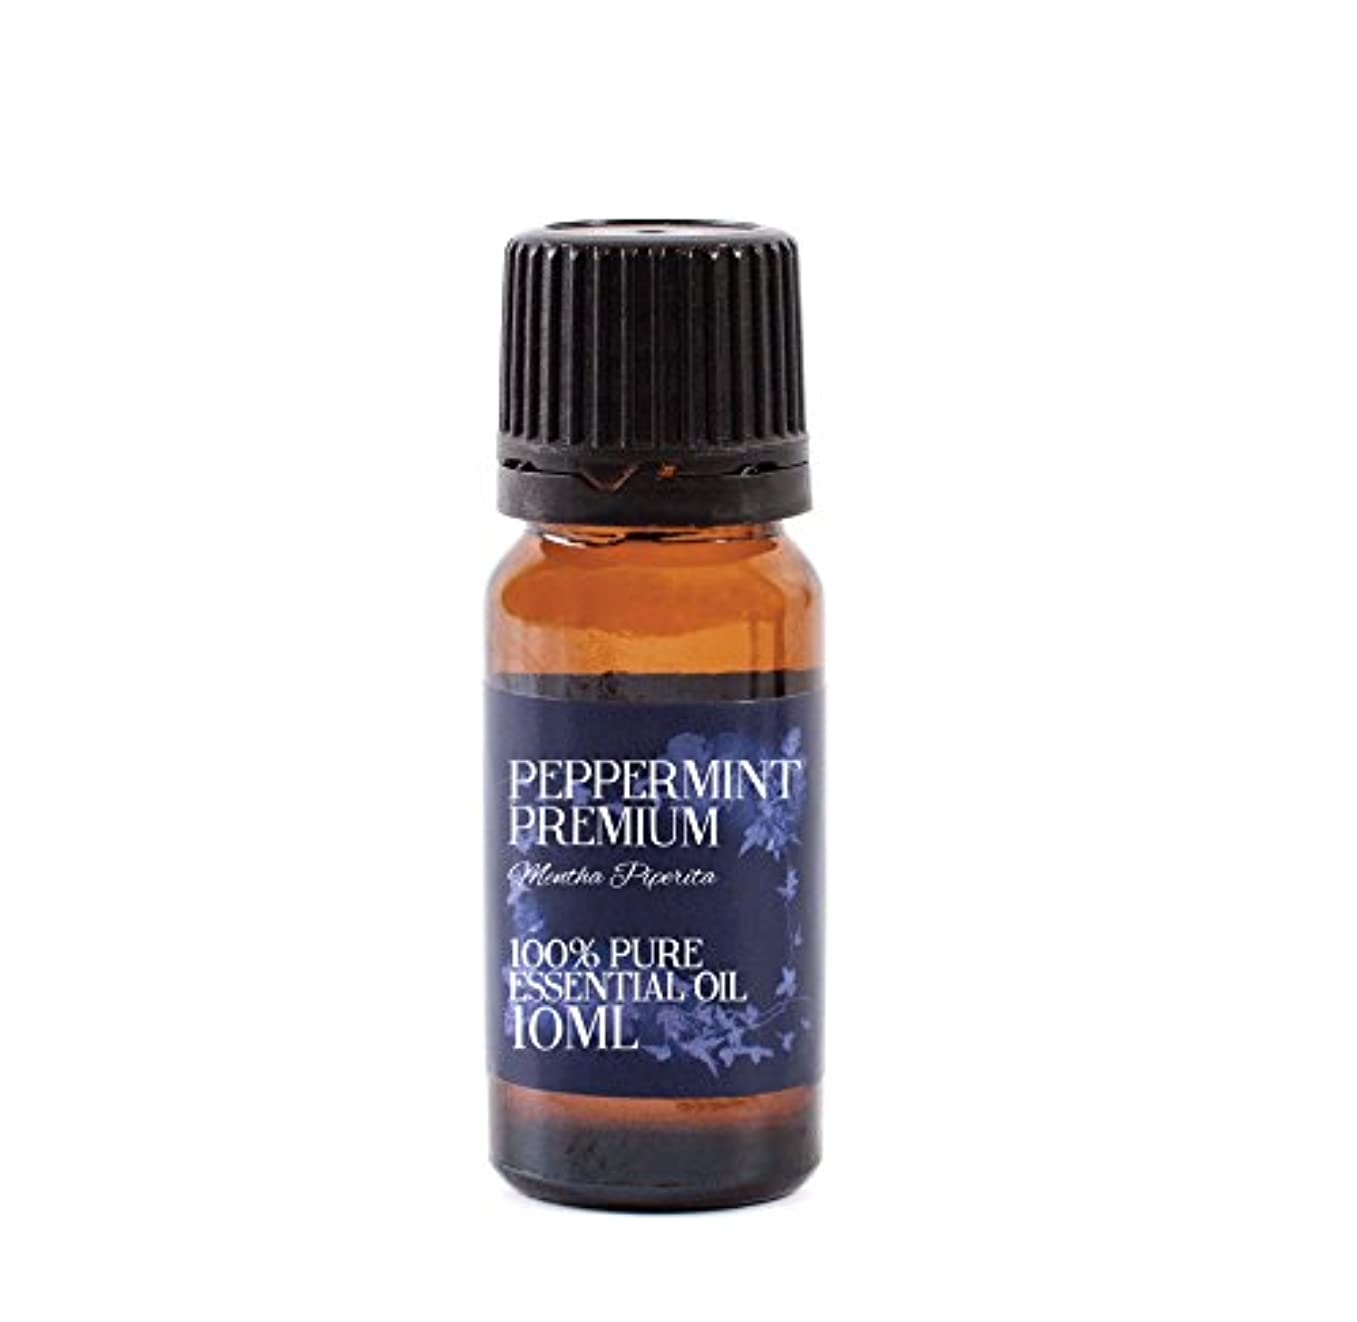 素晴らしき変装した導体Mystic Moments   Peppermint Premium Essential Oil - 10ml - 100% Pure